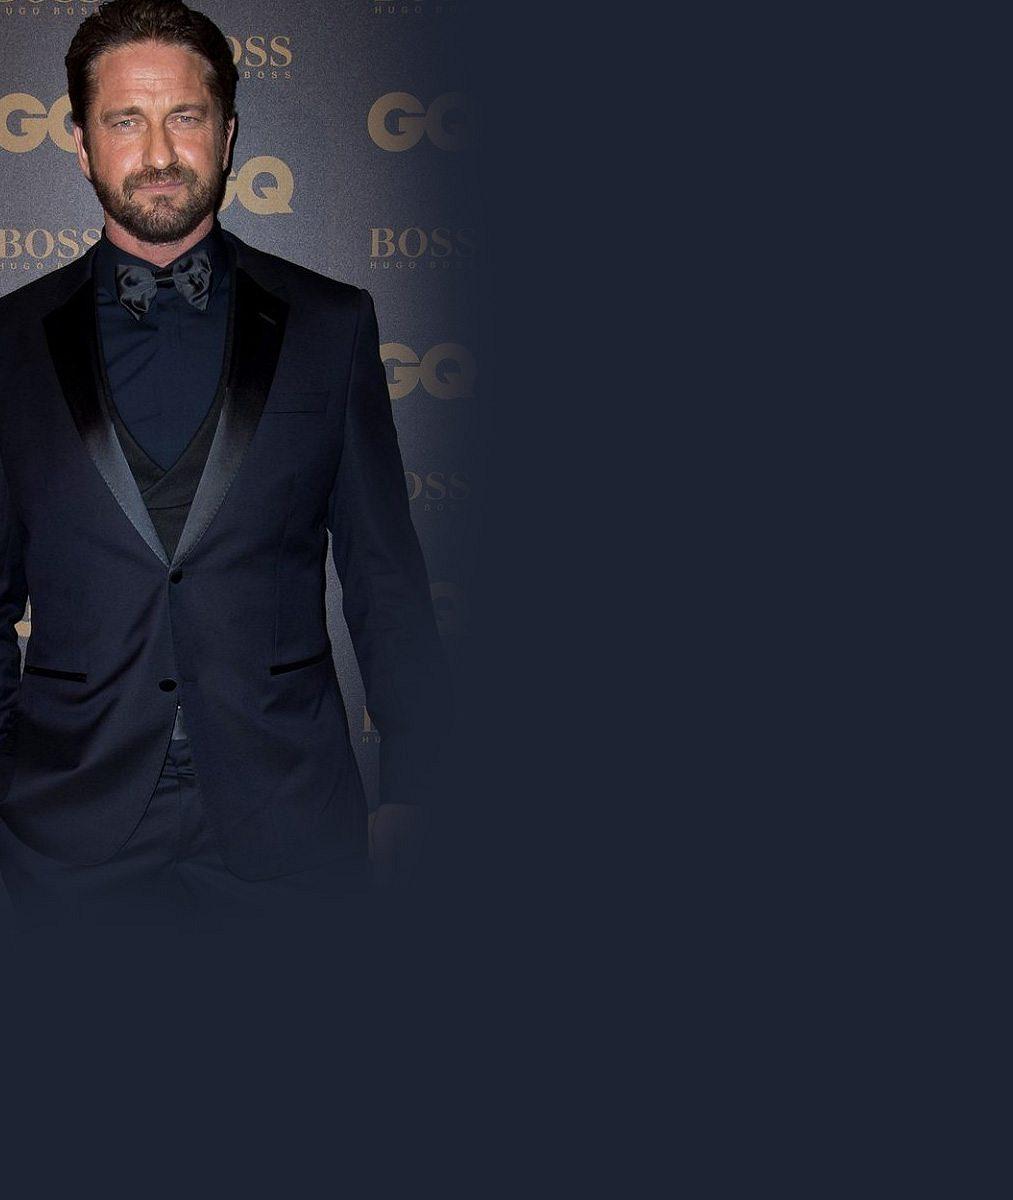 Trofej pro největšího štramáka získal oblíbený herec (47), který stále nemůže najít tu pravou